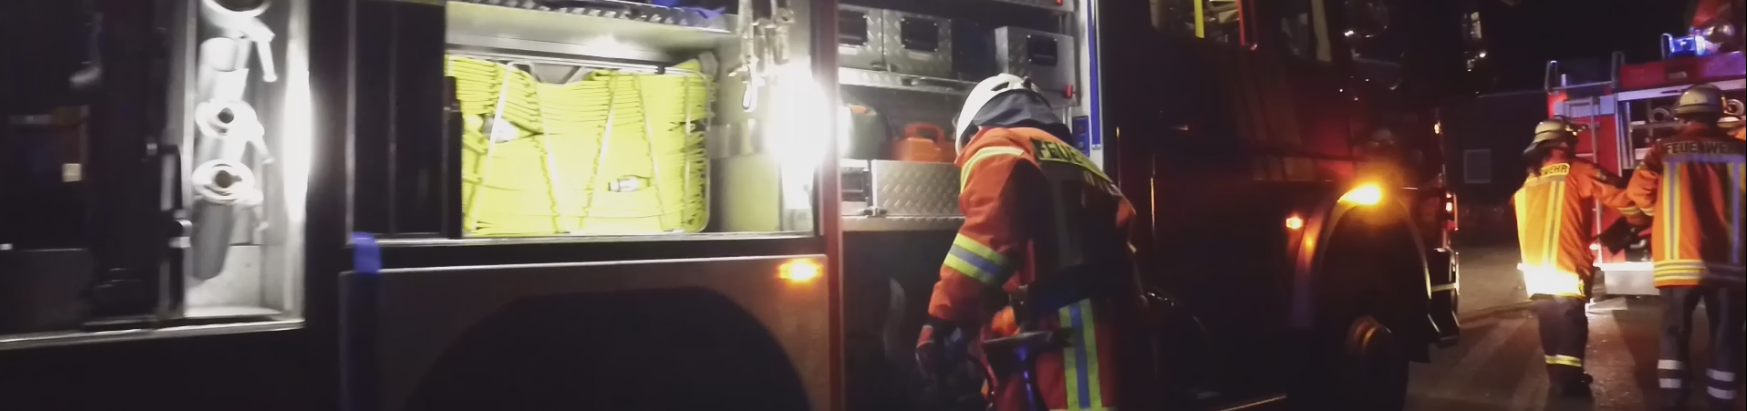 Feuerwehr Bad Zwischenahn